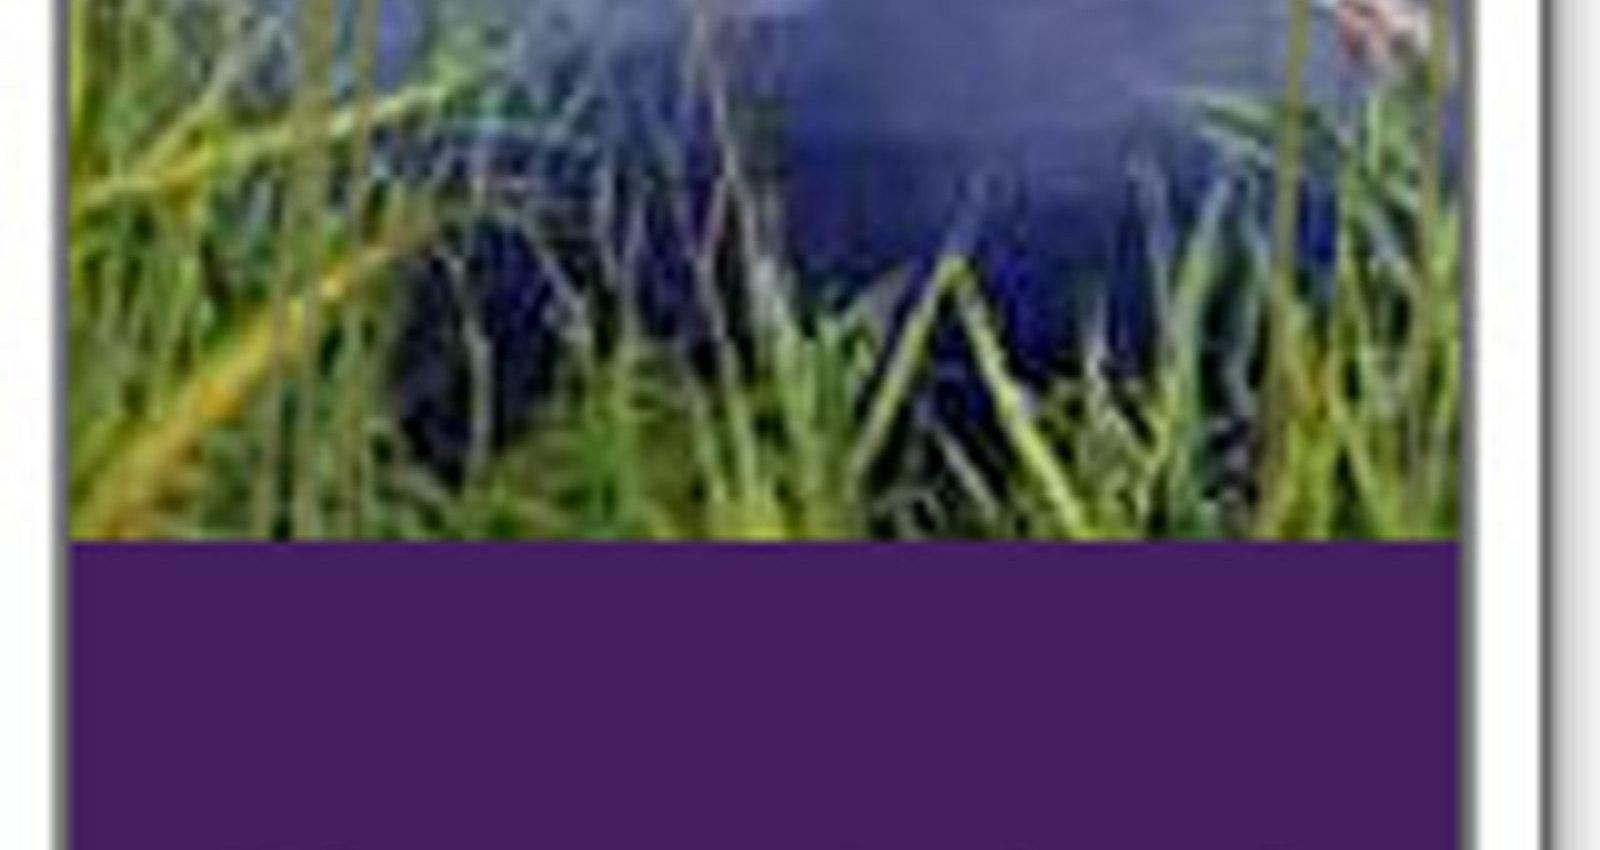 Waterfall, Lake, Reeds, Grass